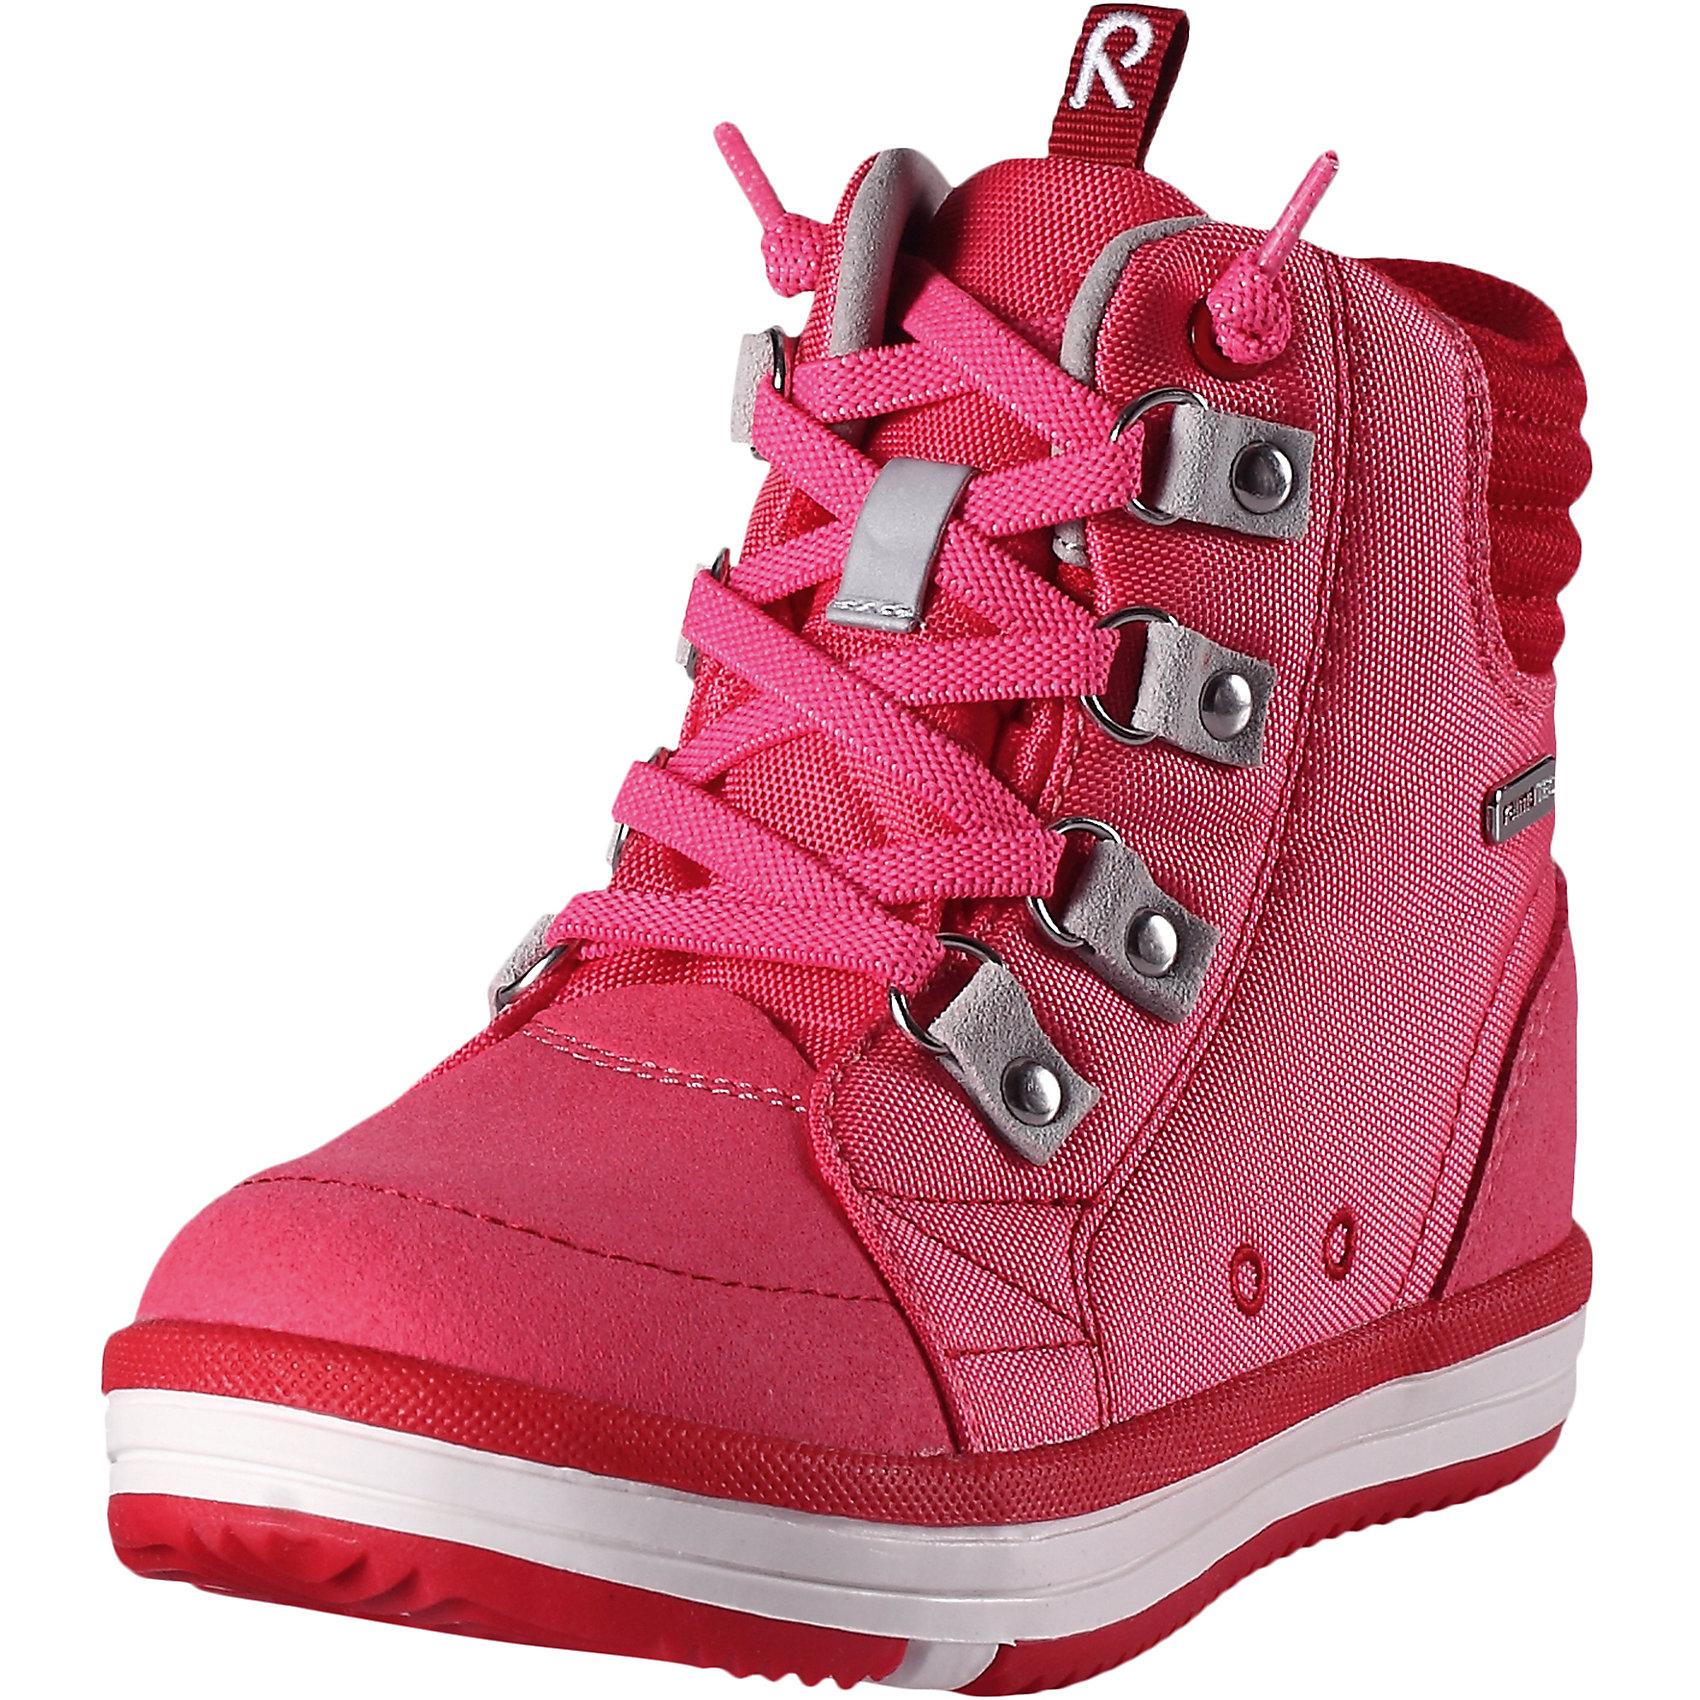 Ботинки Wetter Wash Reimatec® ReimaХарактеристики товара:<br><br>• цвет: розовый<br>• состав: верх - ПЭ/ПУ, подошва - термопластичная резина<br>• температурный режим: от +5°до +15°С<br>• застежка: шнуровка<br>• демисезонные<br>• устойчивая подошва<br>• светоотражающие детали<br>• съемные стельки с рисунком Happy Fit, помогающие определить размер<br>• светоотражающие детали<br>• с подкладкой из искусственного меха<br>• усиленная пятка и носок<br>• водонепроницаемая конструкция с герметичными вставками<br>• можно стирать в машине при температуре 30 °C<br>• страна производства: Китай<br>• страна бренда: Финляндия<br>• коллекция: весна-лето 2017<br><br>Детская демисезонная обувь может быть модной и комфортной одновременно! Удобные стильные ботинки помогут обеспечить ребенку комфорт и дополнить наряд. Они отлично смотрятся с различной одеждой. Ботинки Reimatec® удобно сидят на ноге и аккуратно смотрятся. Легко чистятся и долго служат. Продуманная конструкция разрабатывалась специально для детей.<br><br>Одежда и обувь от финского бренда Reima пользуется популярностью во многих странах. Эти изделия стильные, качественные и удобные. Для производства продукции используются только безопасные, проверенные материалы и фурнитура. Порадуйте ребенка модными и красивыми вещами от Reima! <br><br>Ботинки Reimatec® от финского бренда Reima (Рейма) можно купить в нашем интернет-магазине.<br><br>Ширина мм: 262<br>Глубина мм: 176<br>Высота мм: 97<br>Вес г: 427<br>Цвет: красный<br>Возраст от месяцев: 108<br>Возраст до месяцев: 120<br>Пол: Женский<br>Возраст: Детский<br>Размер: 33,24,27,28,26,35,36,29,31,34,37,38,30,25,32<br>SKU: 5267229